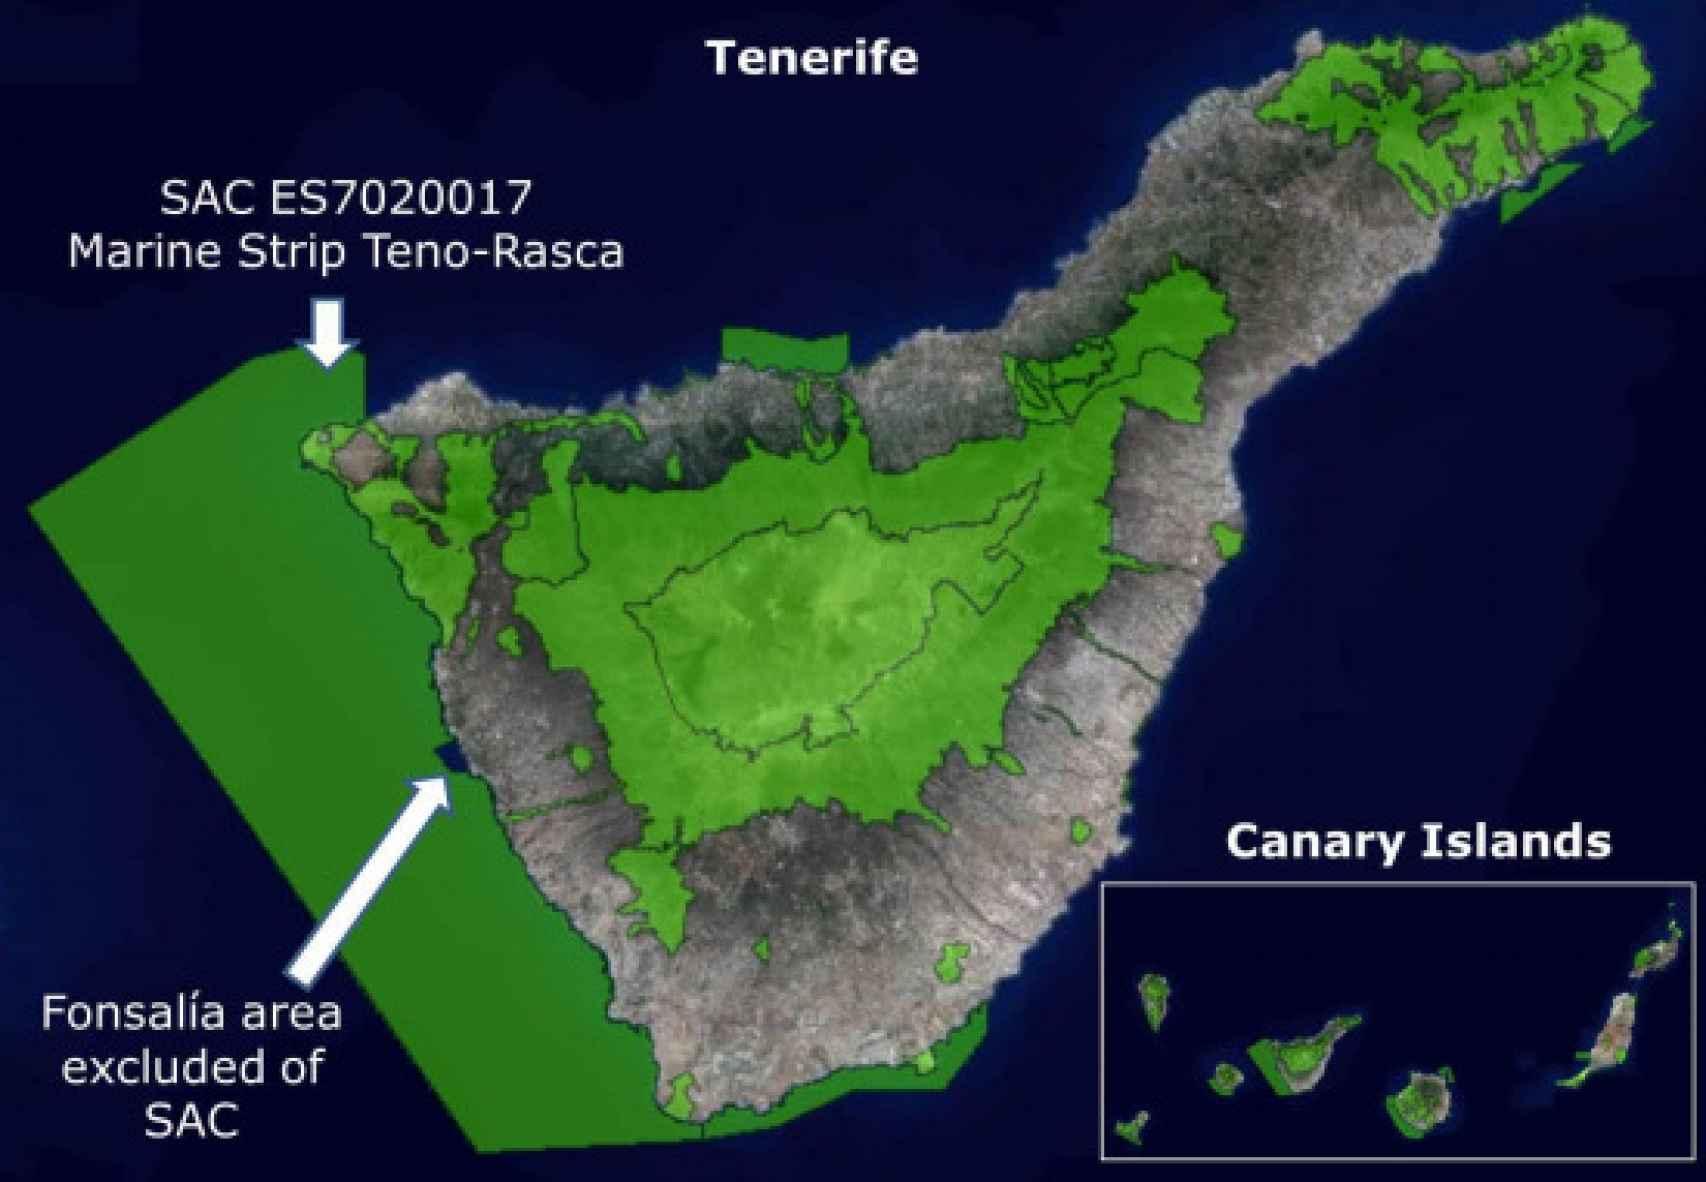 La Franja Marina Teno-Rasca, Zona de Especial Conservación (ZEC).